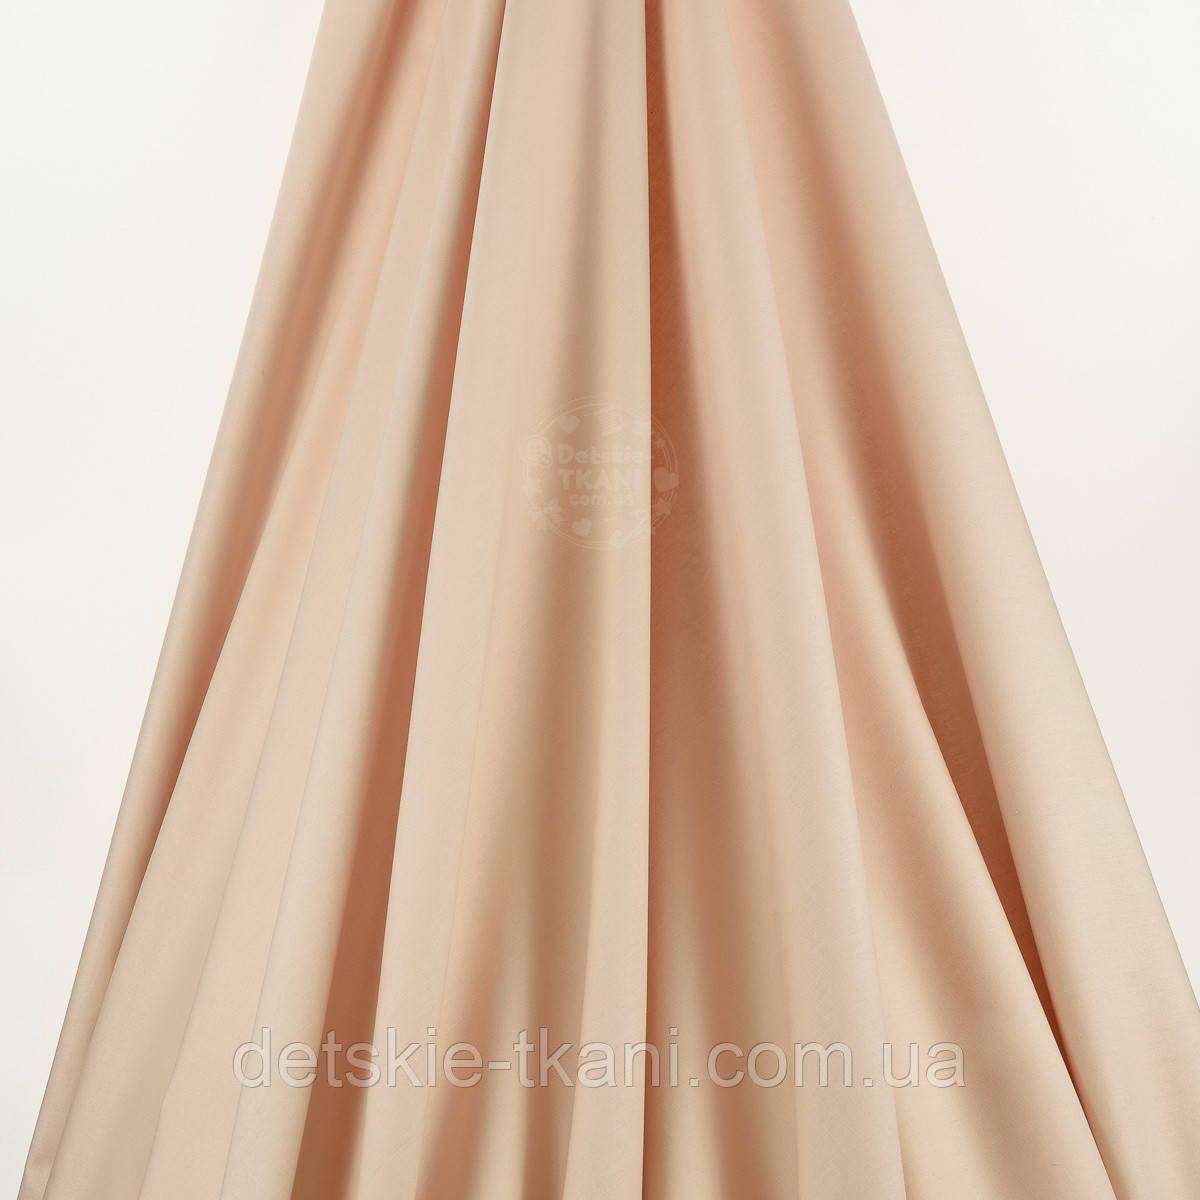 Лоскут поплина , цвет песочно-бежевый № 1381, размер 44*120 см